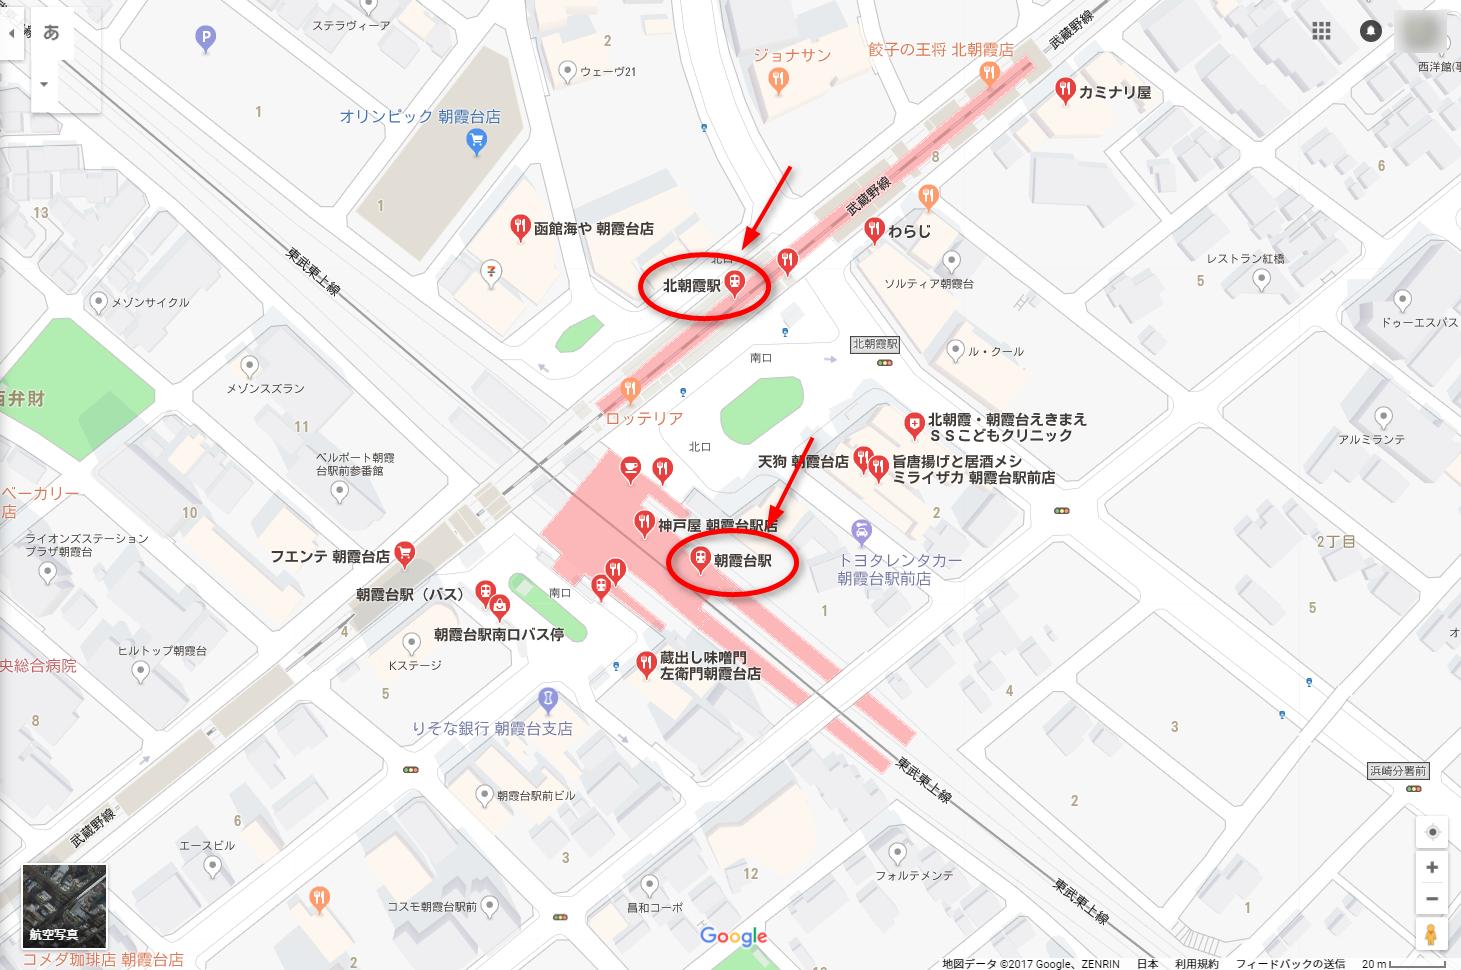 朝霞台駅と隣接している北朝霞駅